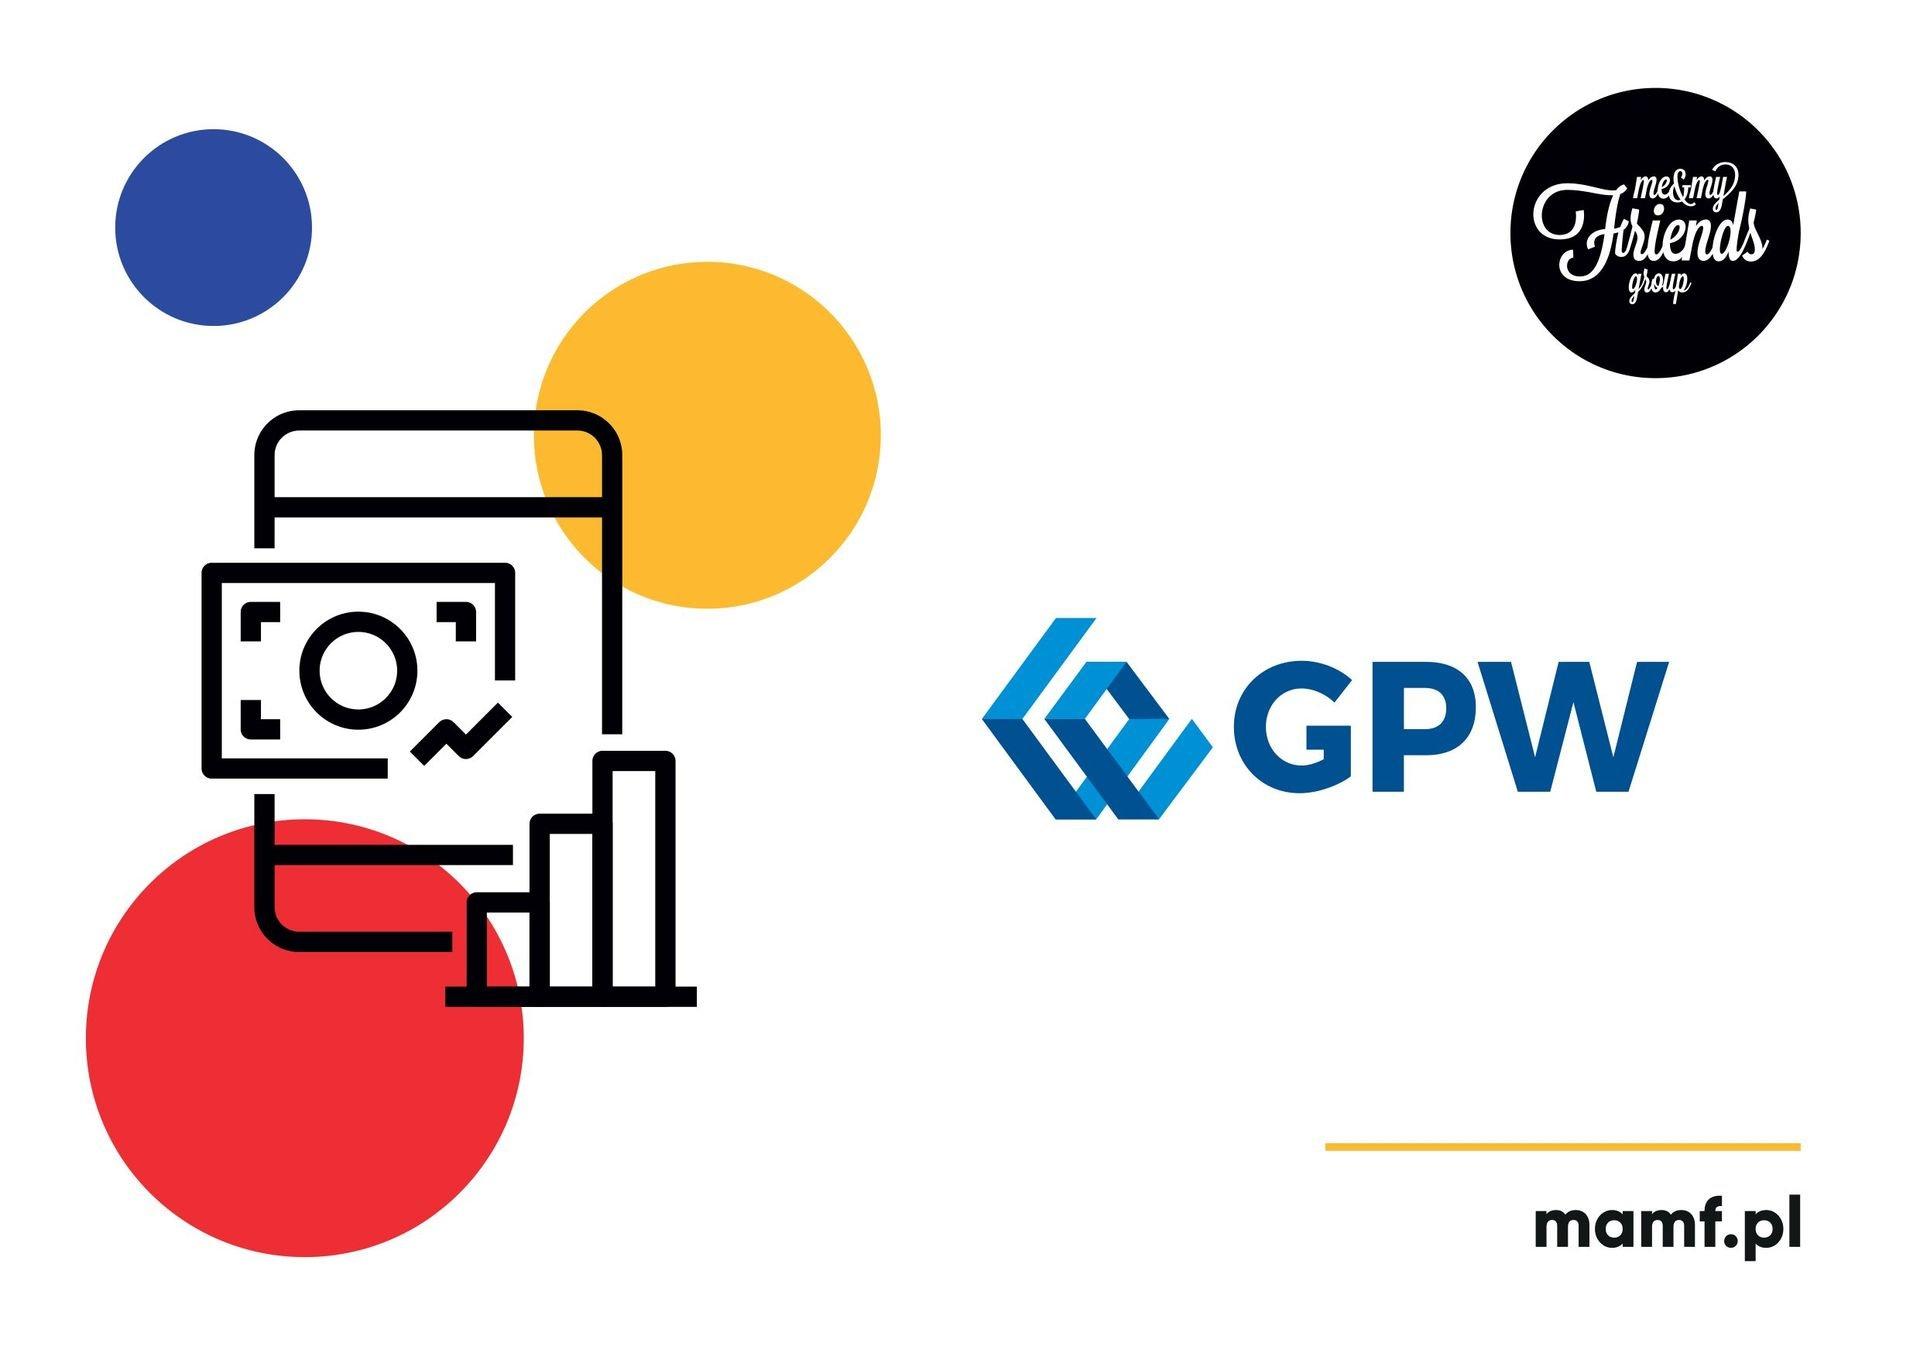 MoveApp wygrywa przetarg na realizację aplikacji mobilnej dla Giełdy Papierów Wartościowych w Warszawie